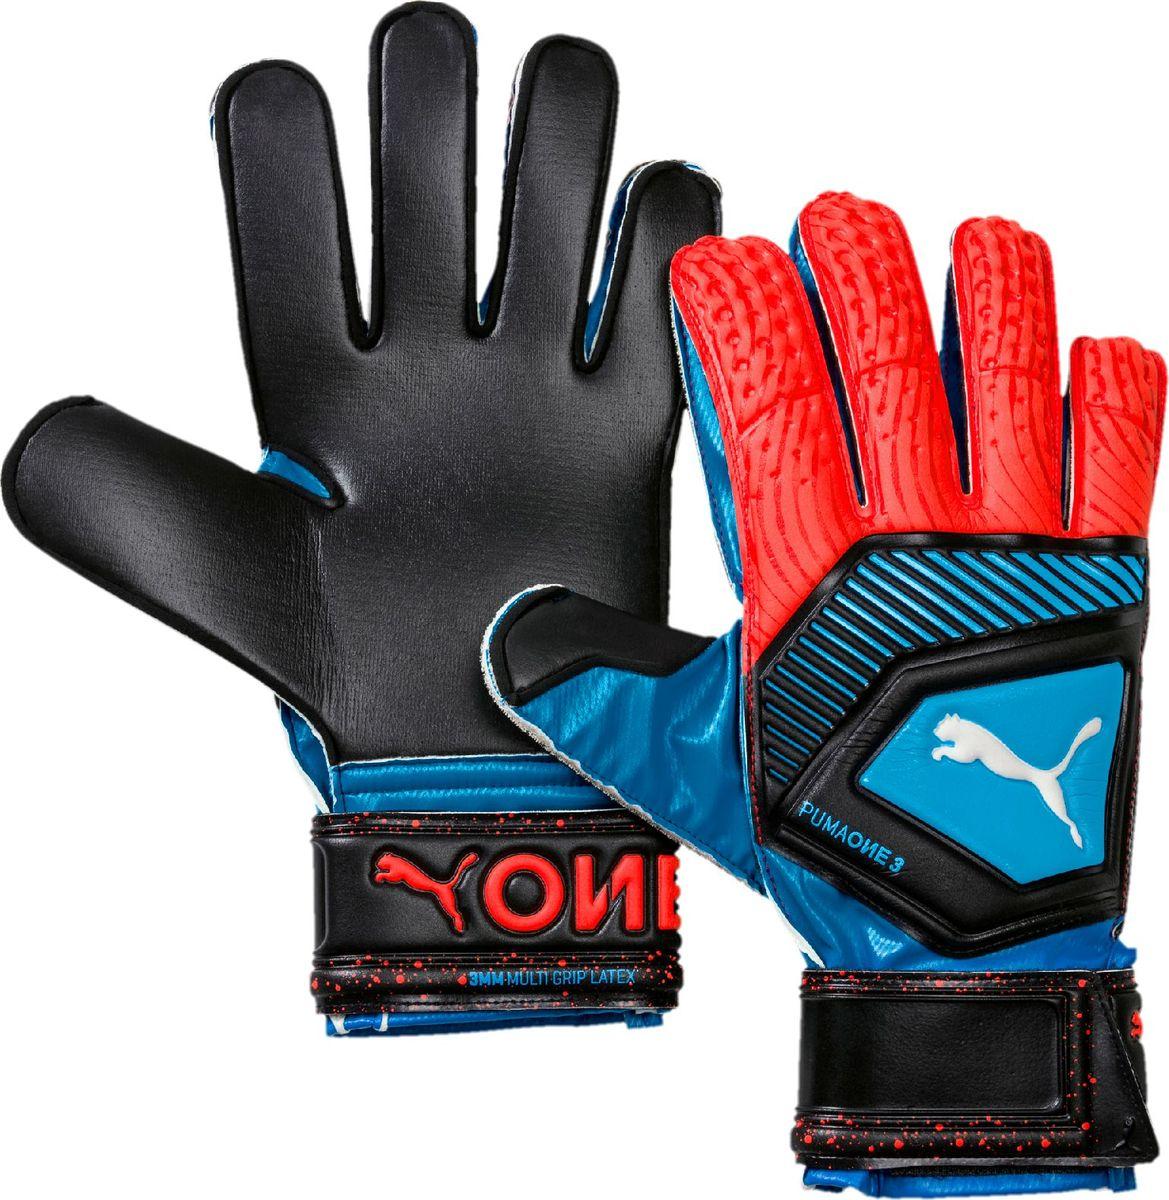 Перчатки вратарские Puma One Protect 3, 04148021, голубой, черный, размер 10 цена